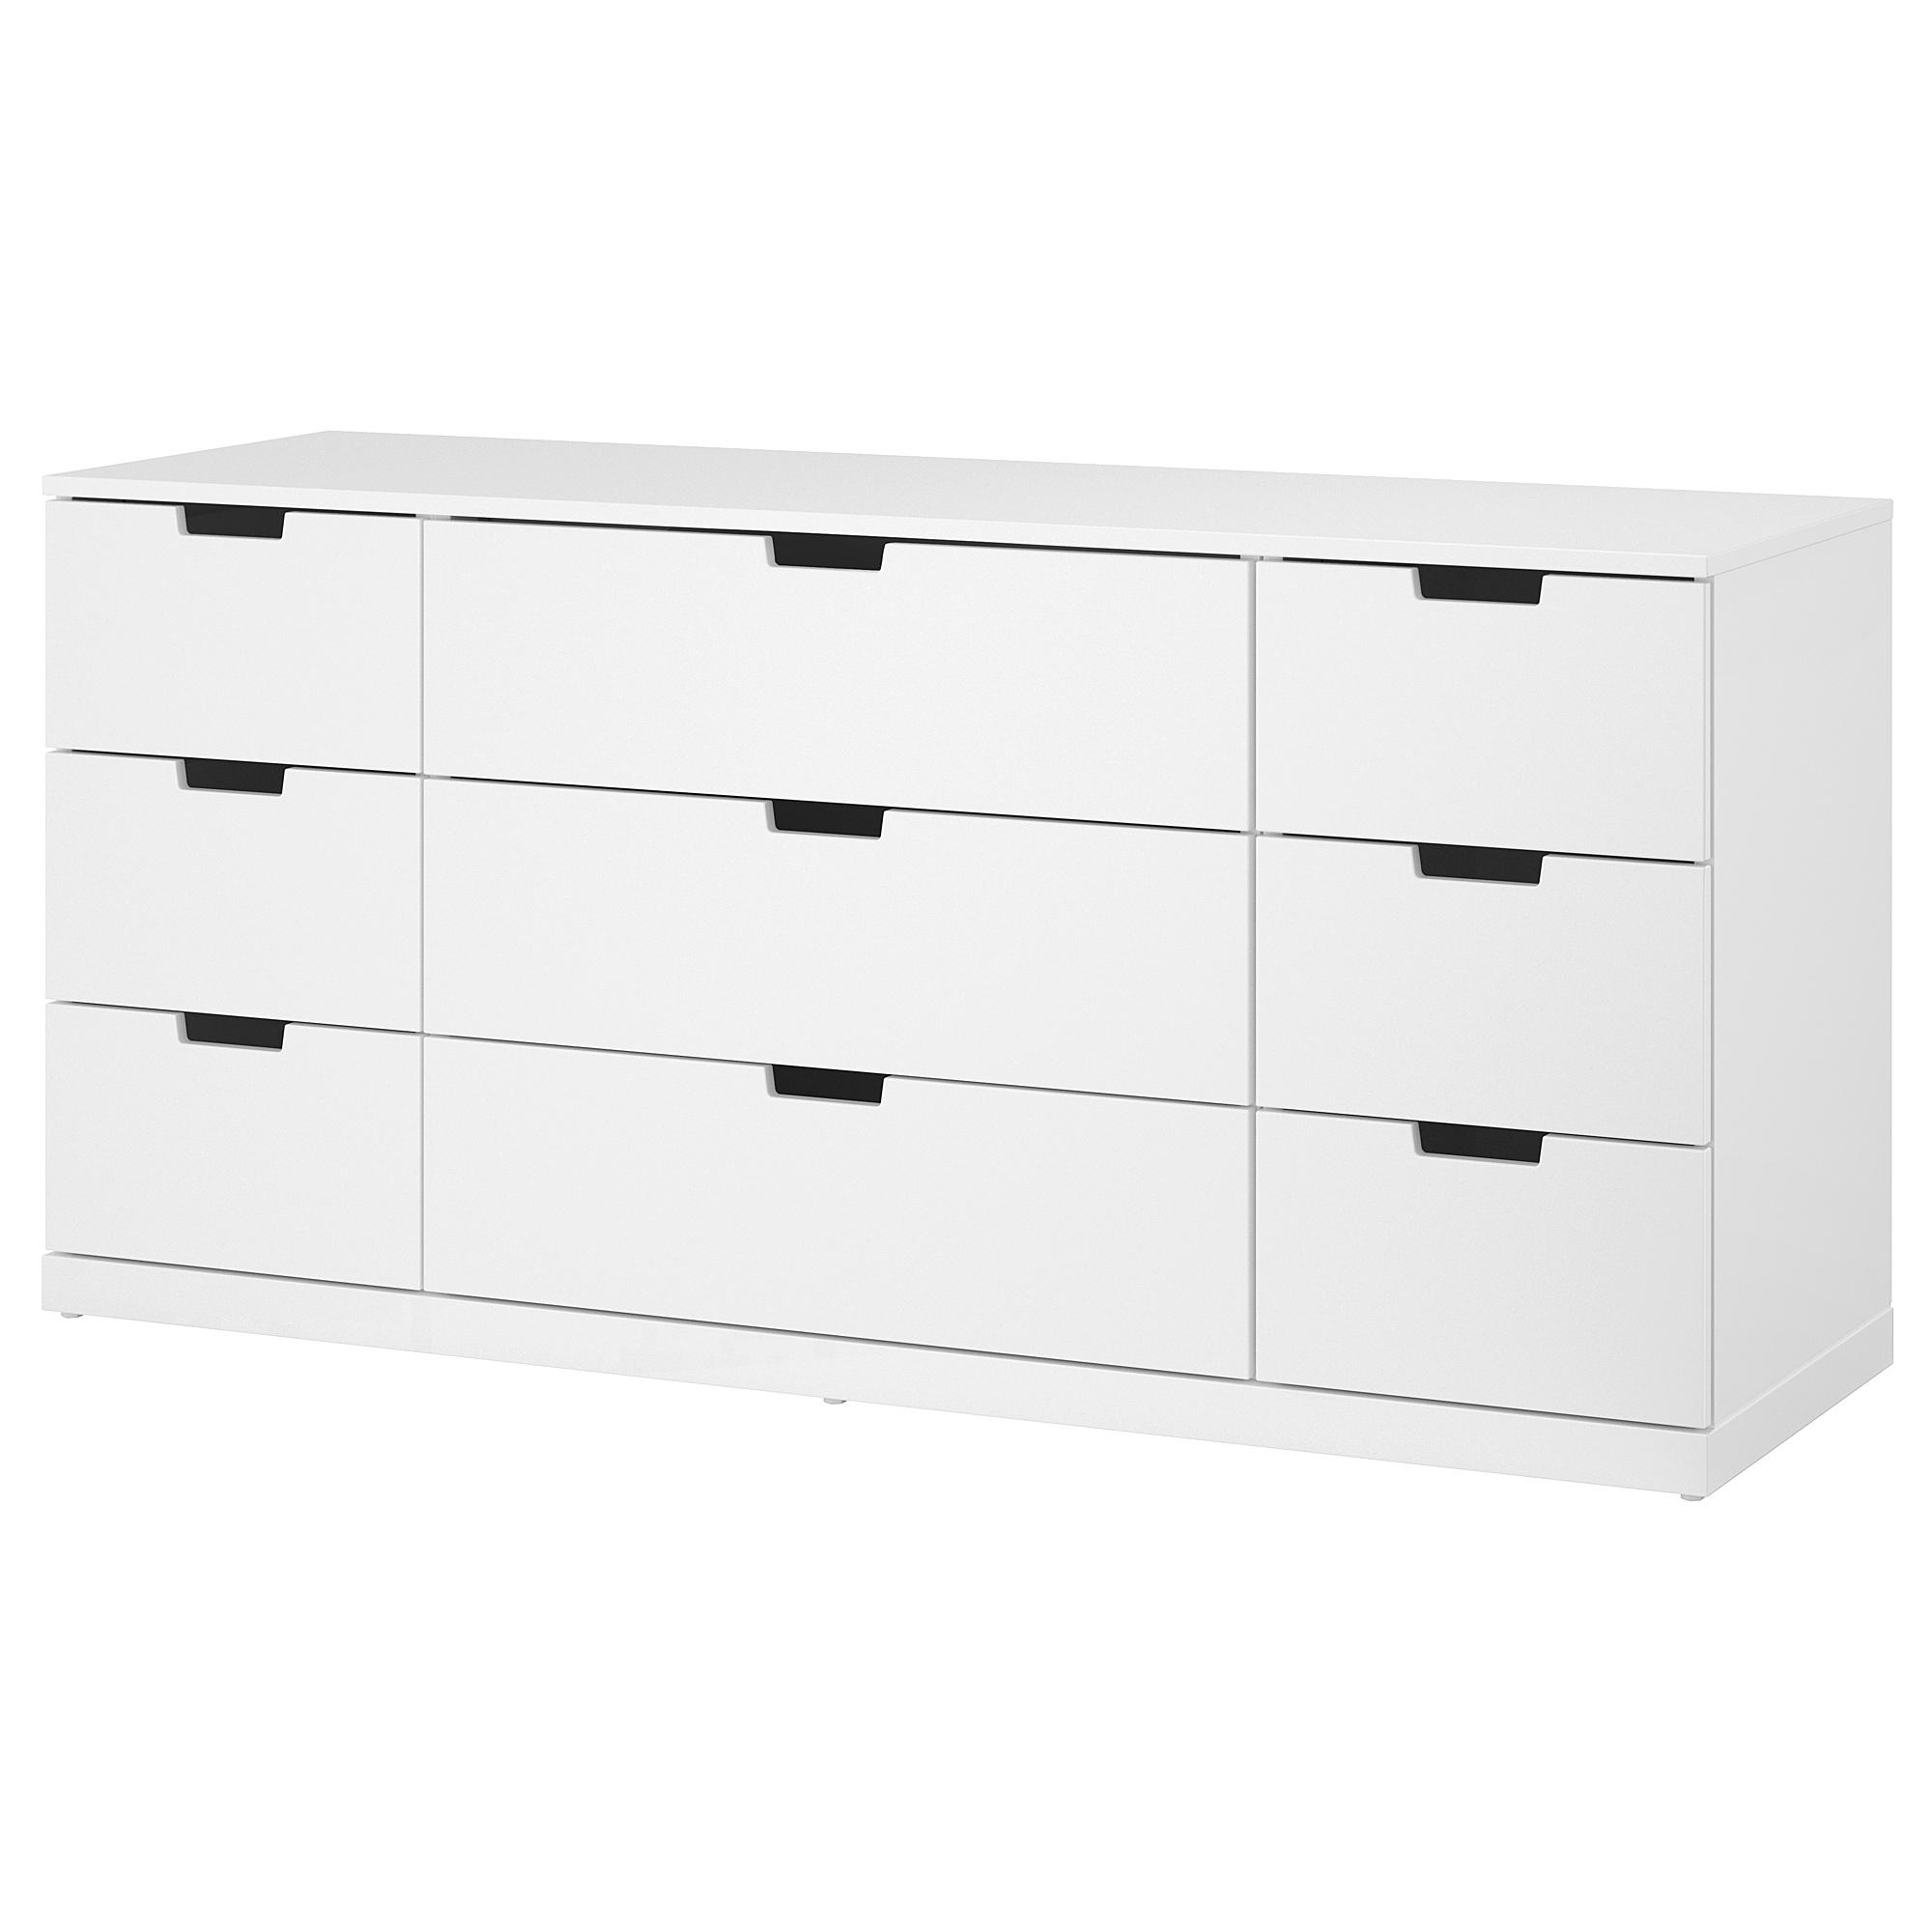 Комод с 9 ящиками НОРДЛИ белый артикуль № 492.029.78 в наличии. Online магазин IKEA Минск. Быстрая доставка и установка.